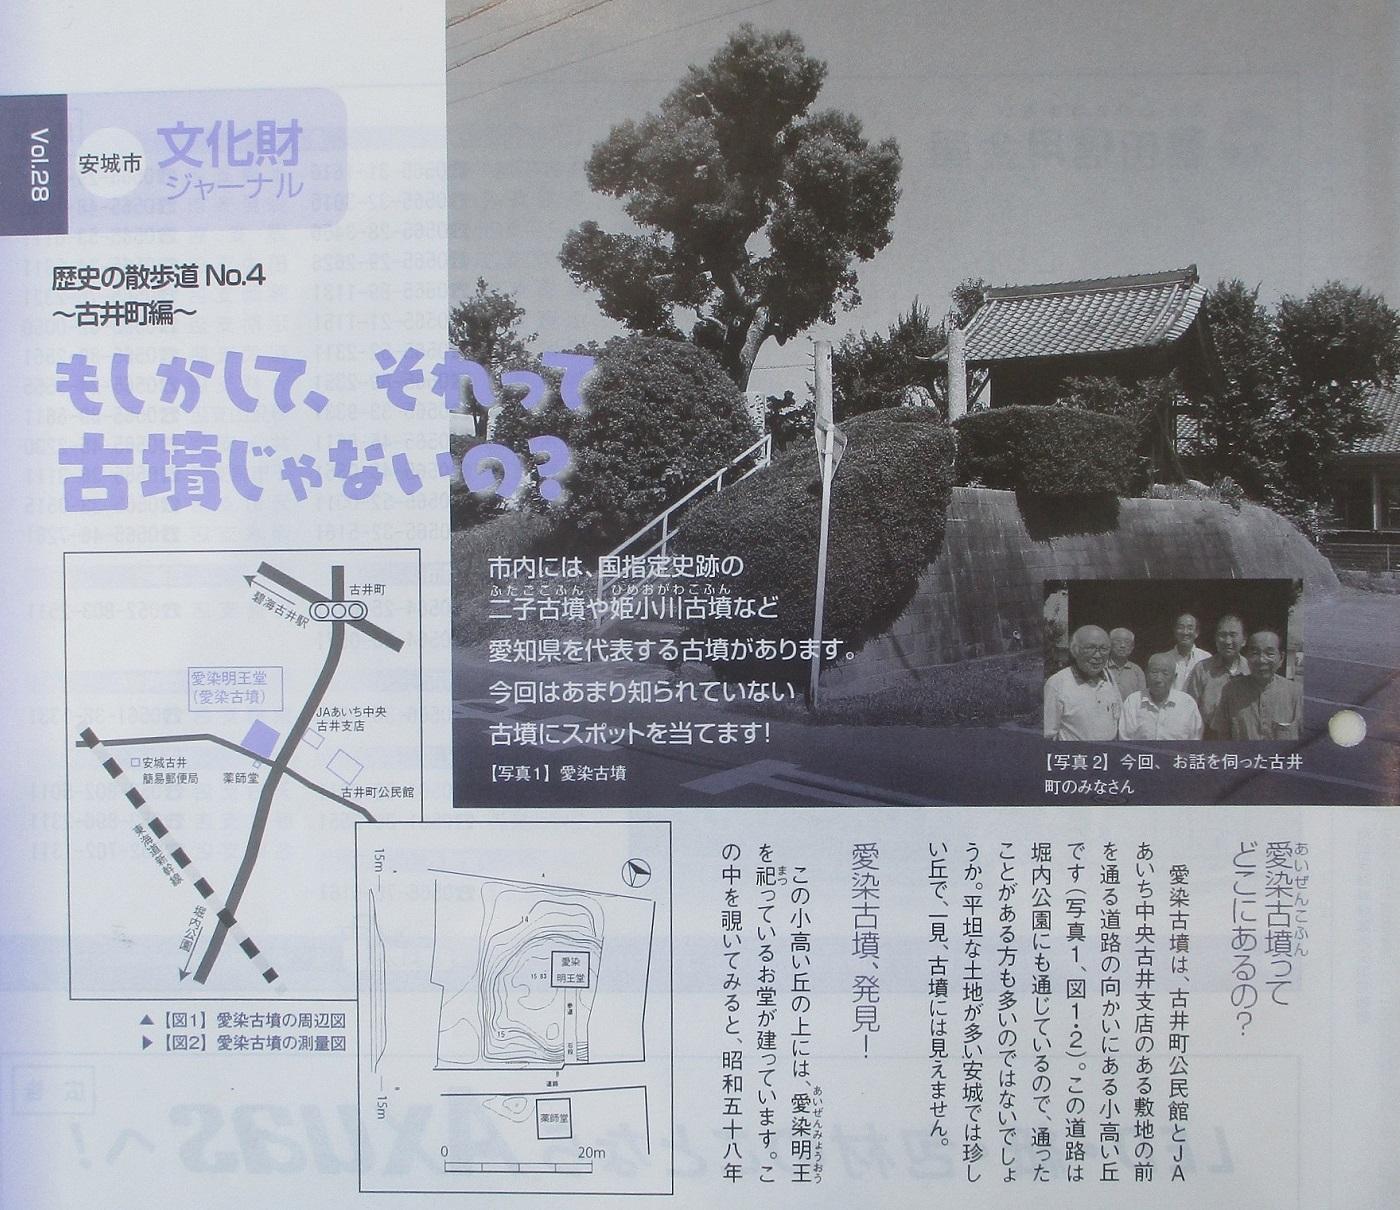 2020.6.29 (7) あんてな2013年ふゆ号 - 愛染古墳(うえ) 1400-1210